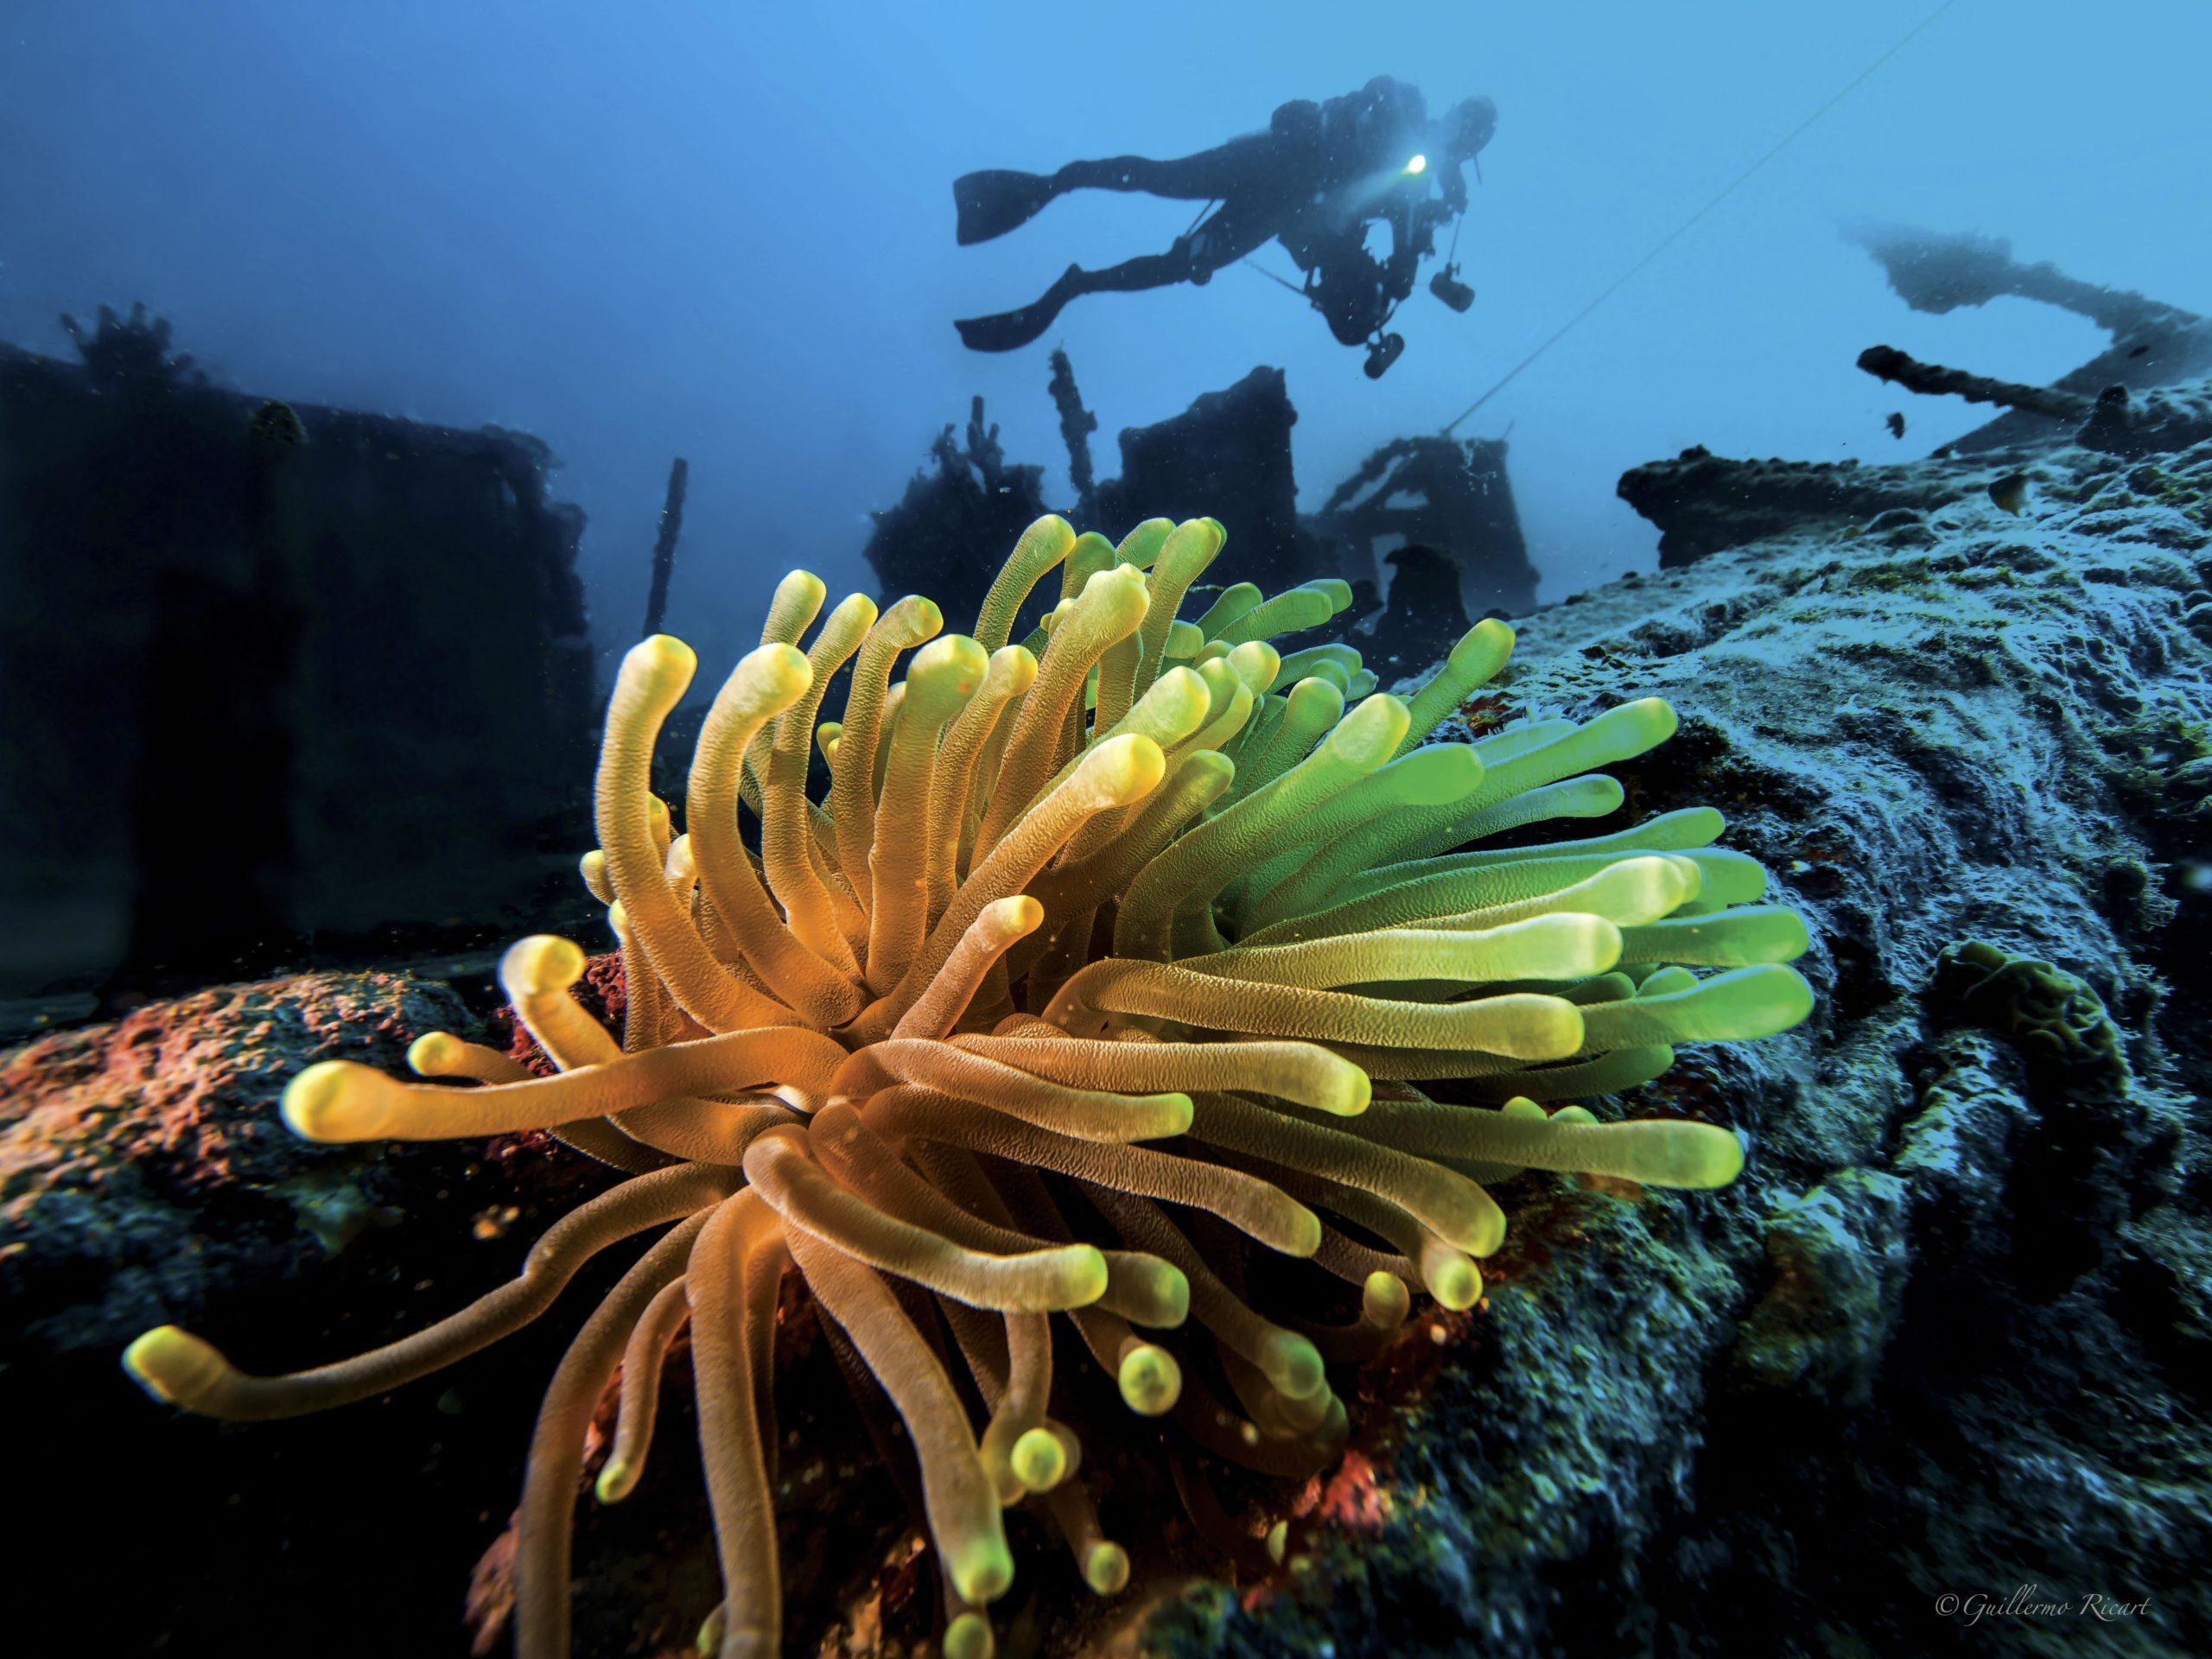 Anémona Gigante (Condylactis gigantea), adherida a los restos del Hickory en El Parque Nacional Submarino La Caleta.